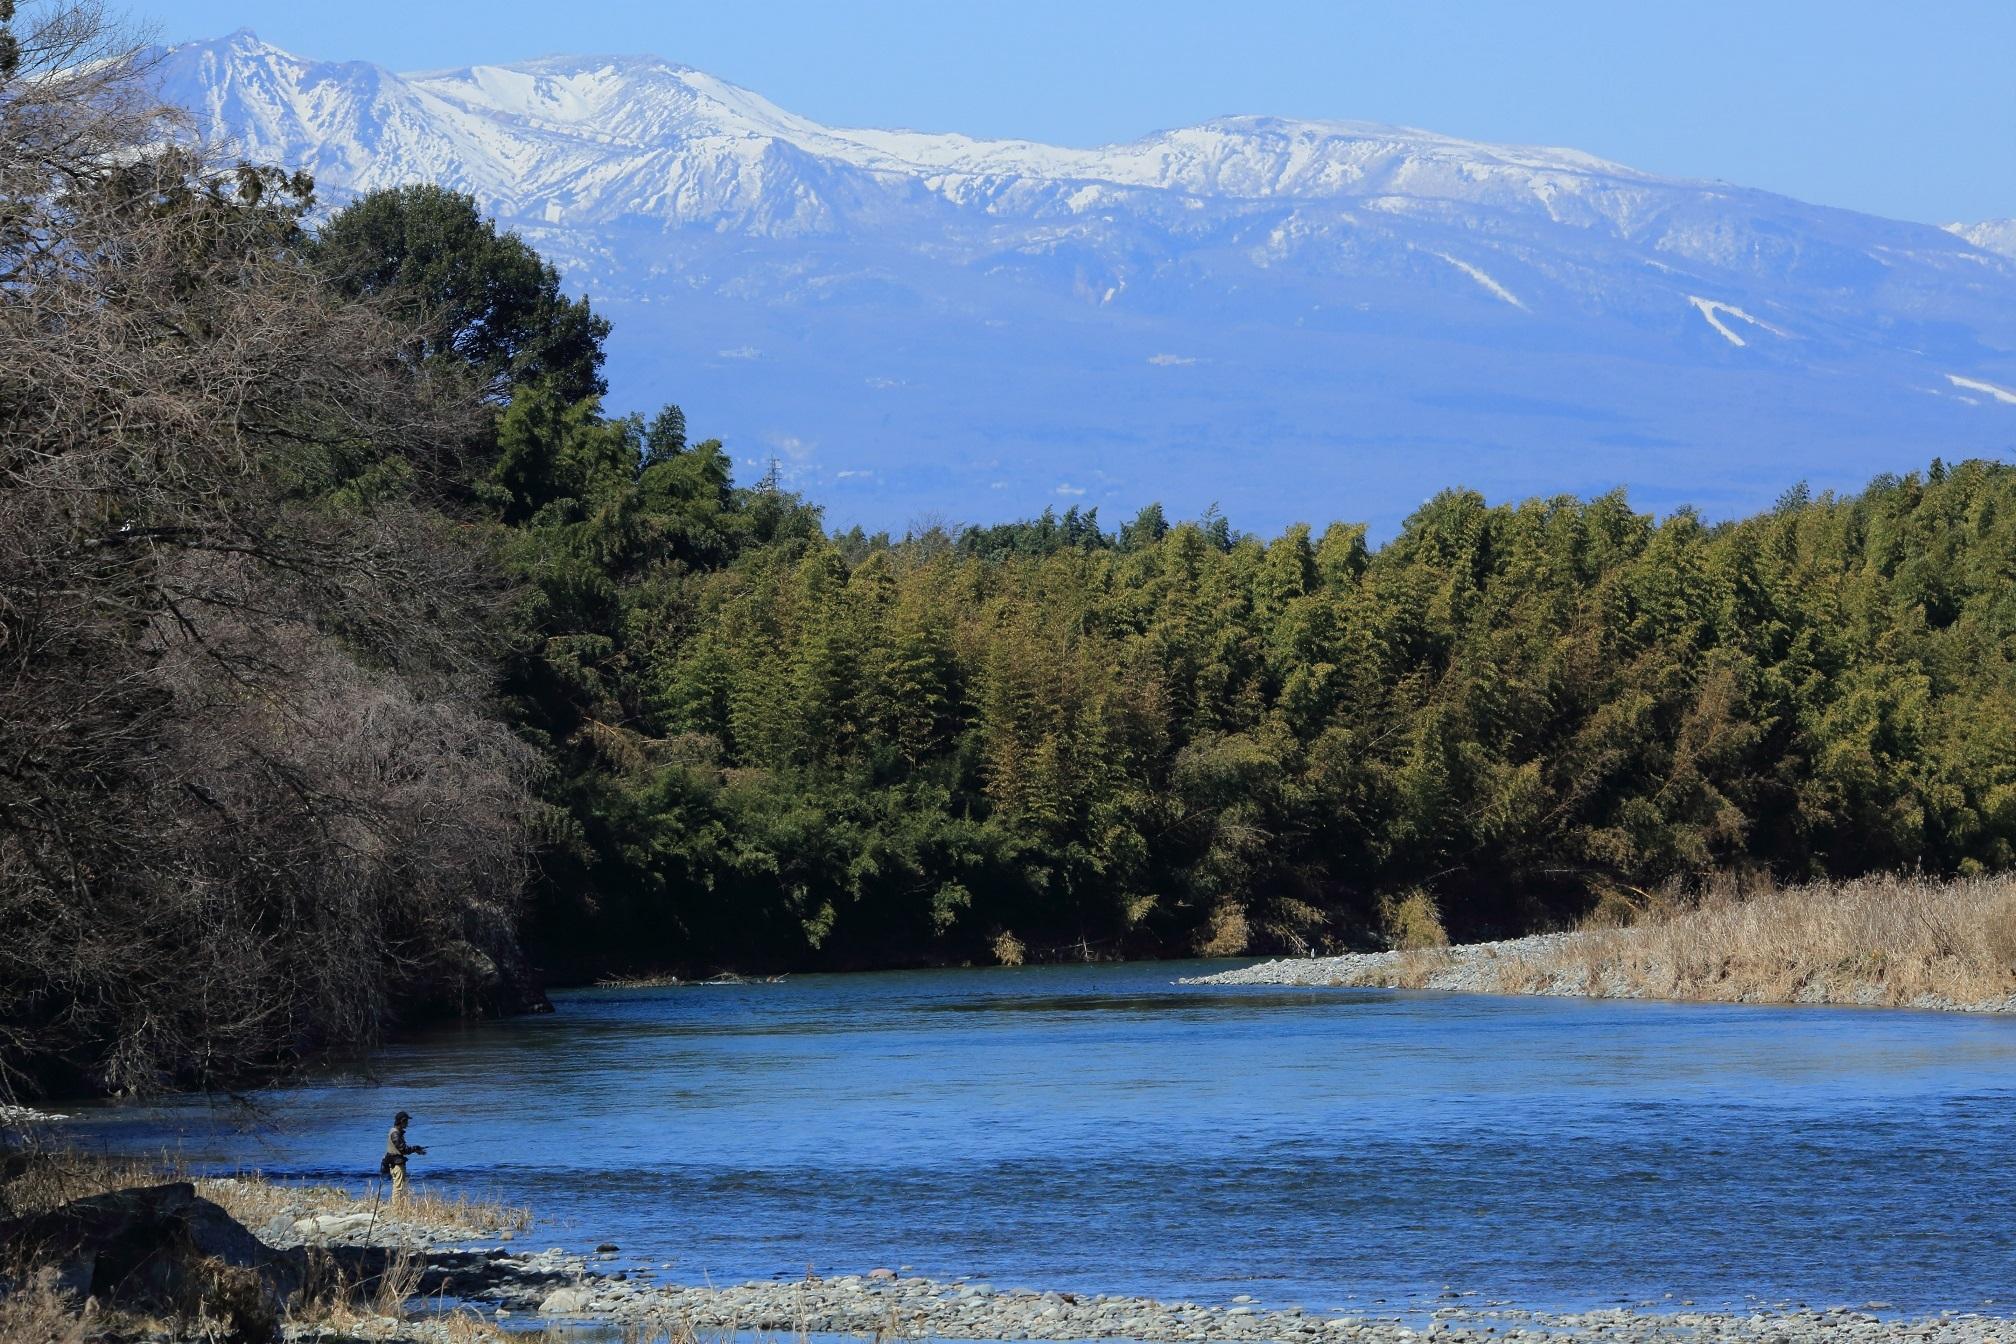 ブログ 那須連山が源流の那珂川でルアーフィッシング.jpg